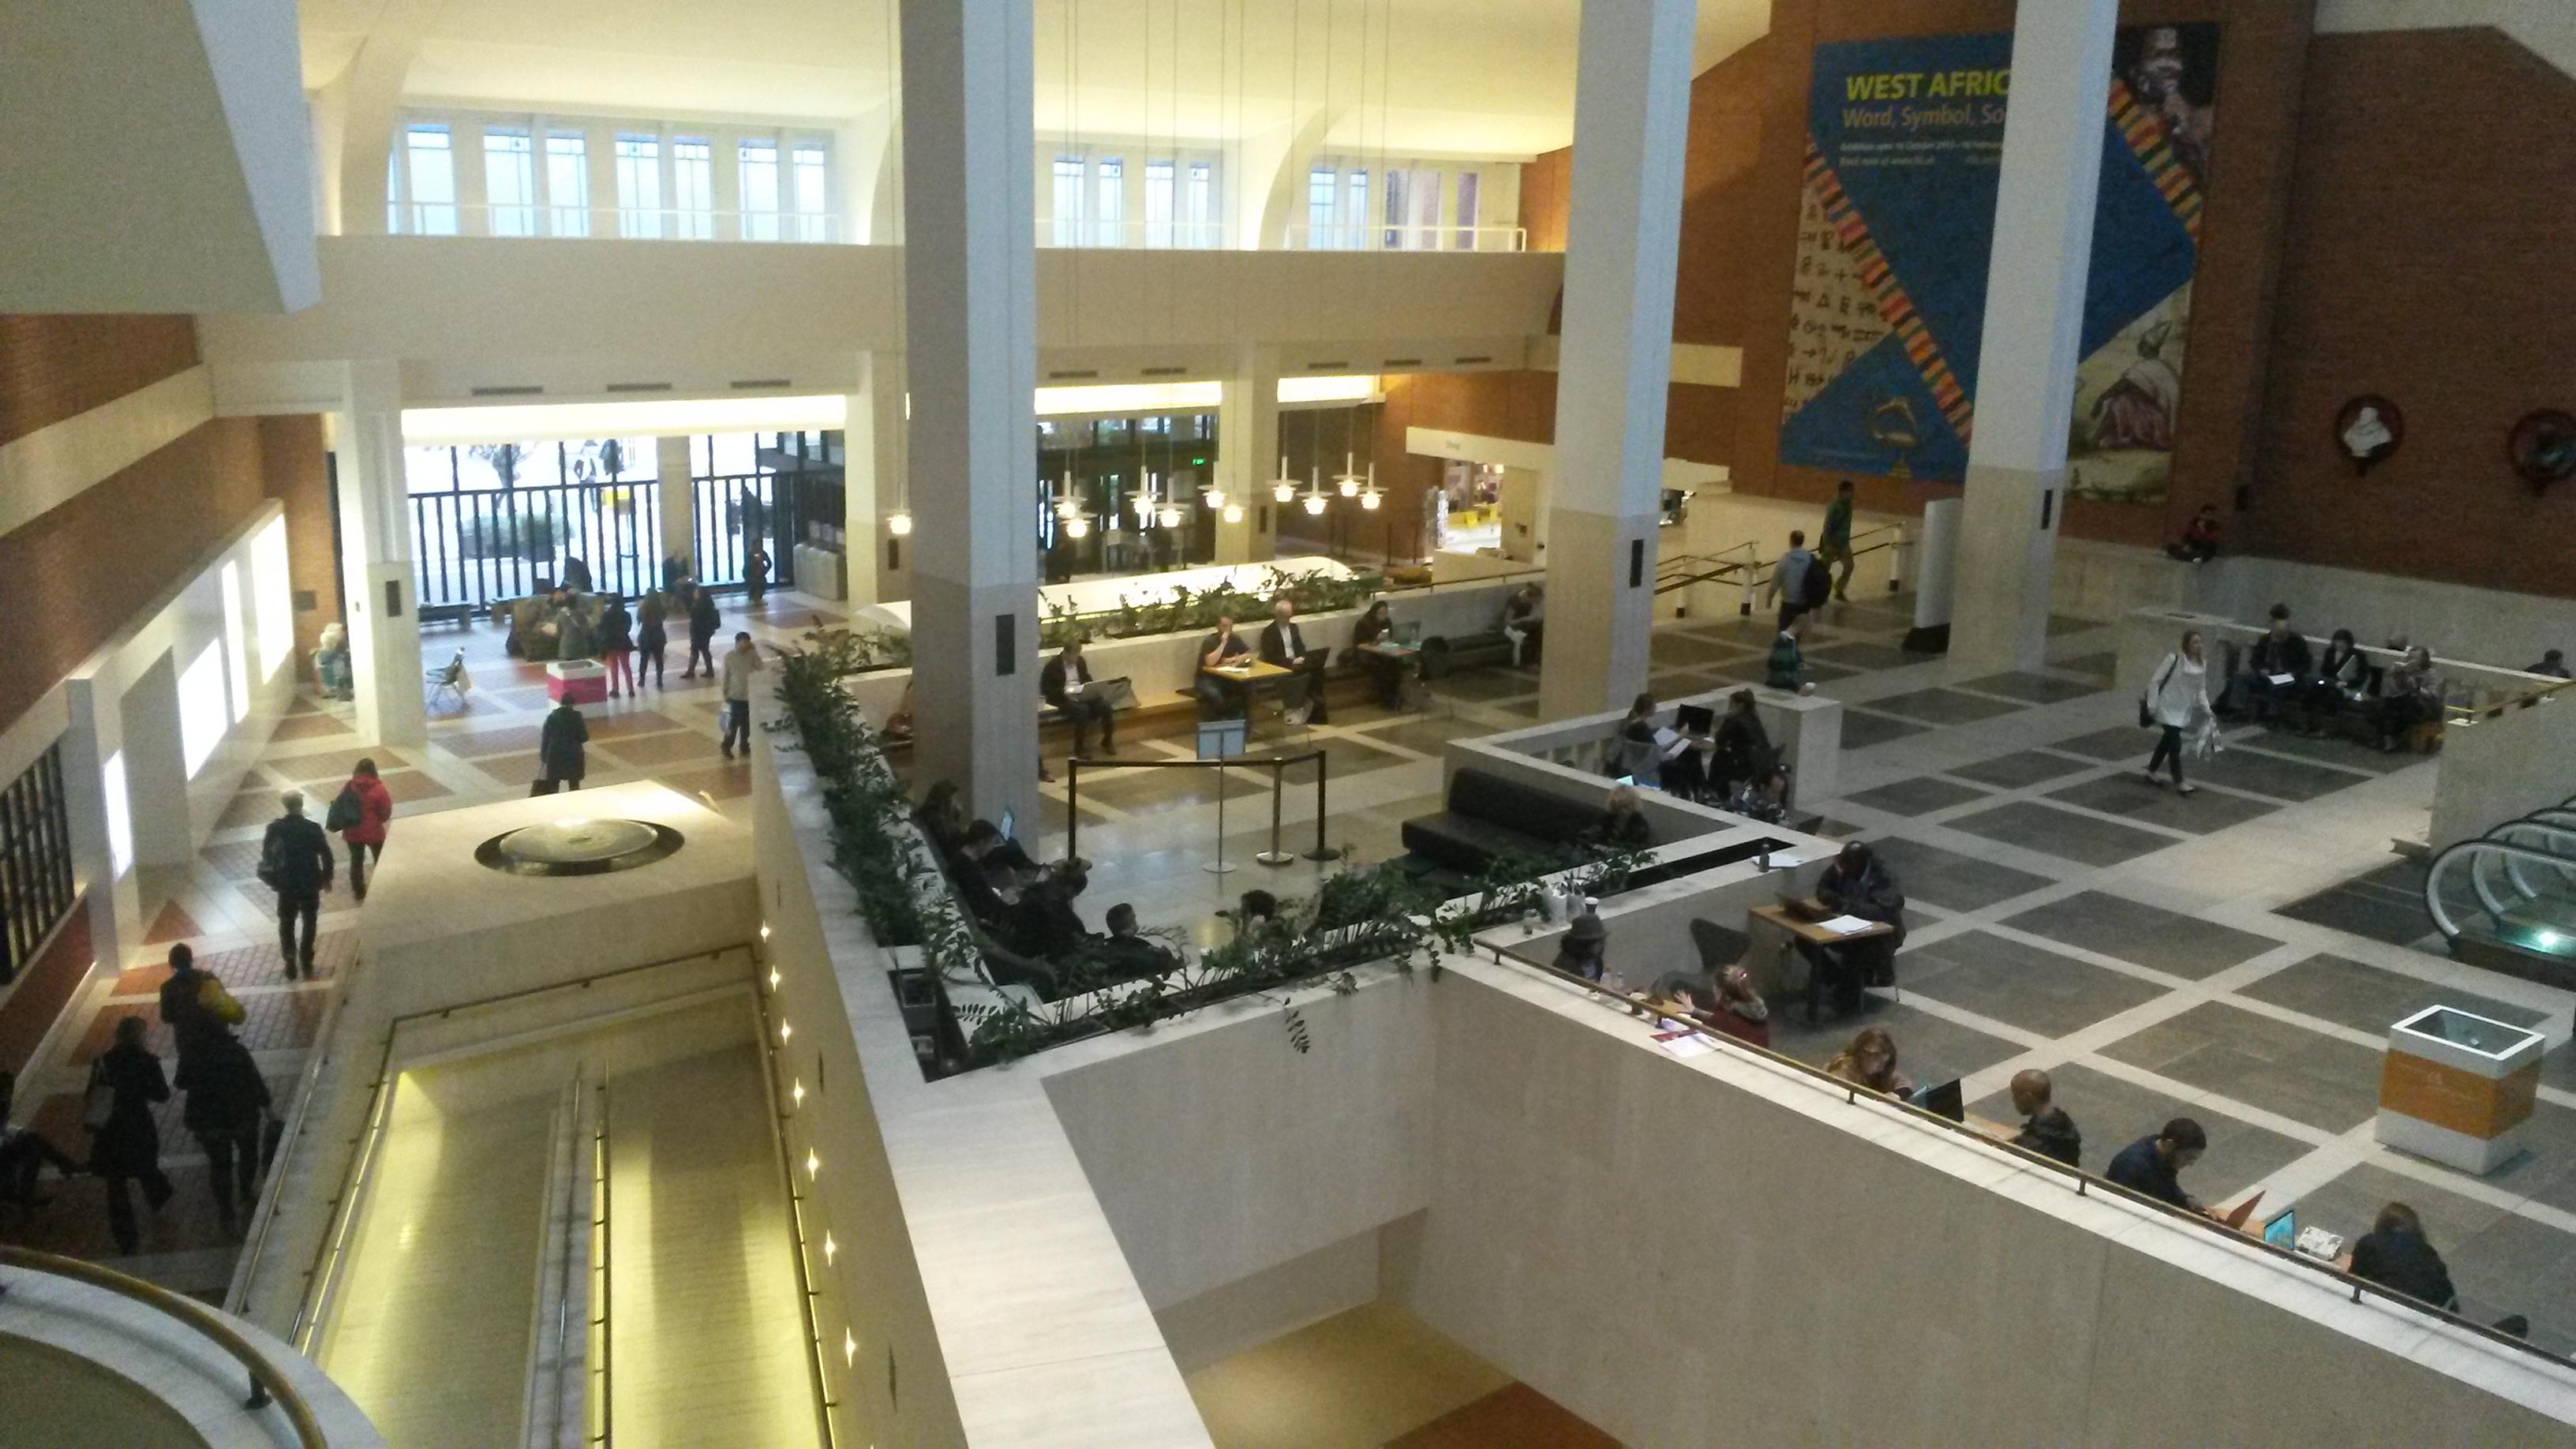 Eingangshalle der British Library. Nur die Q-Thek fehlt.